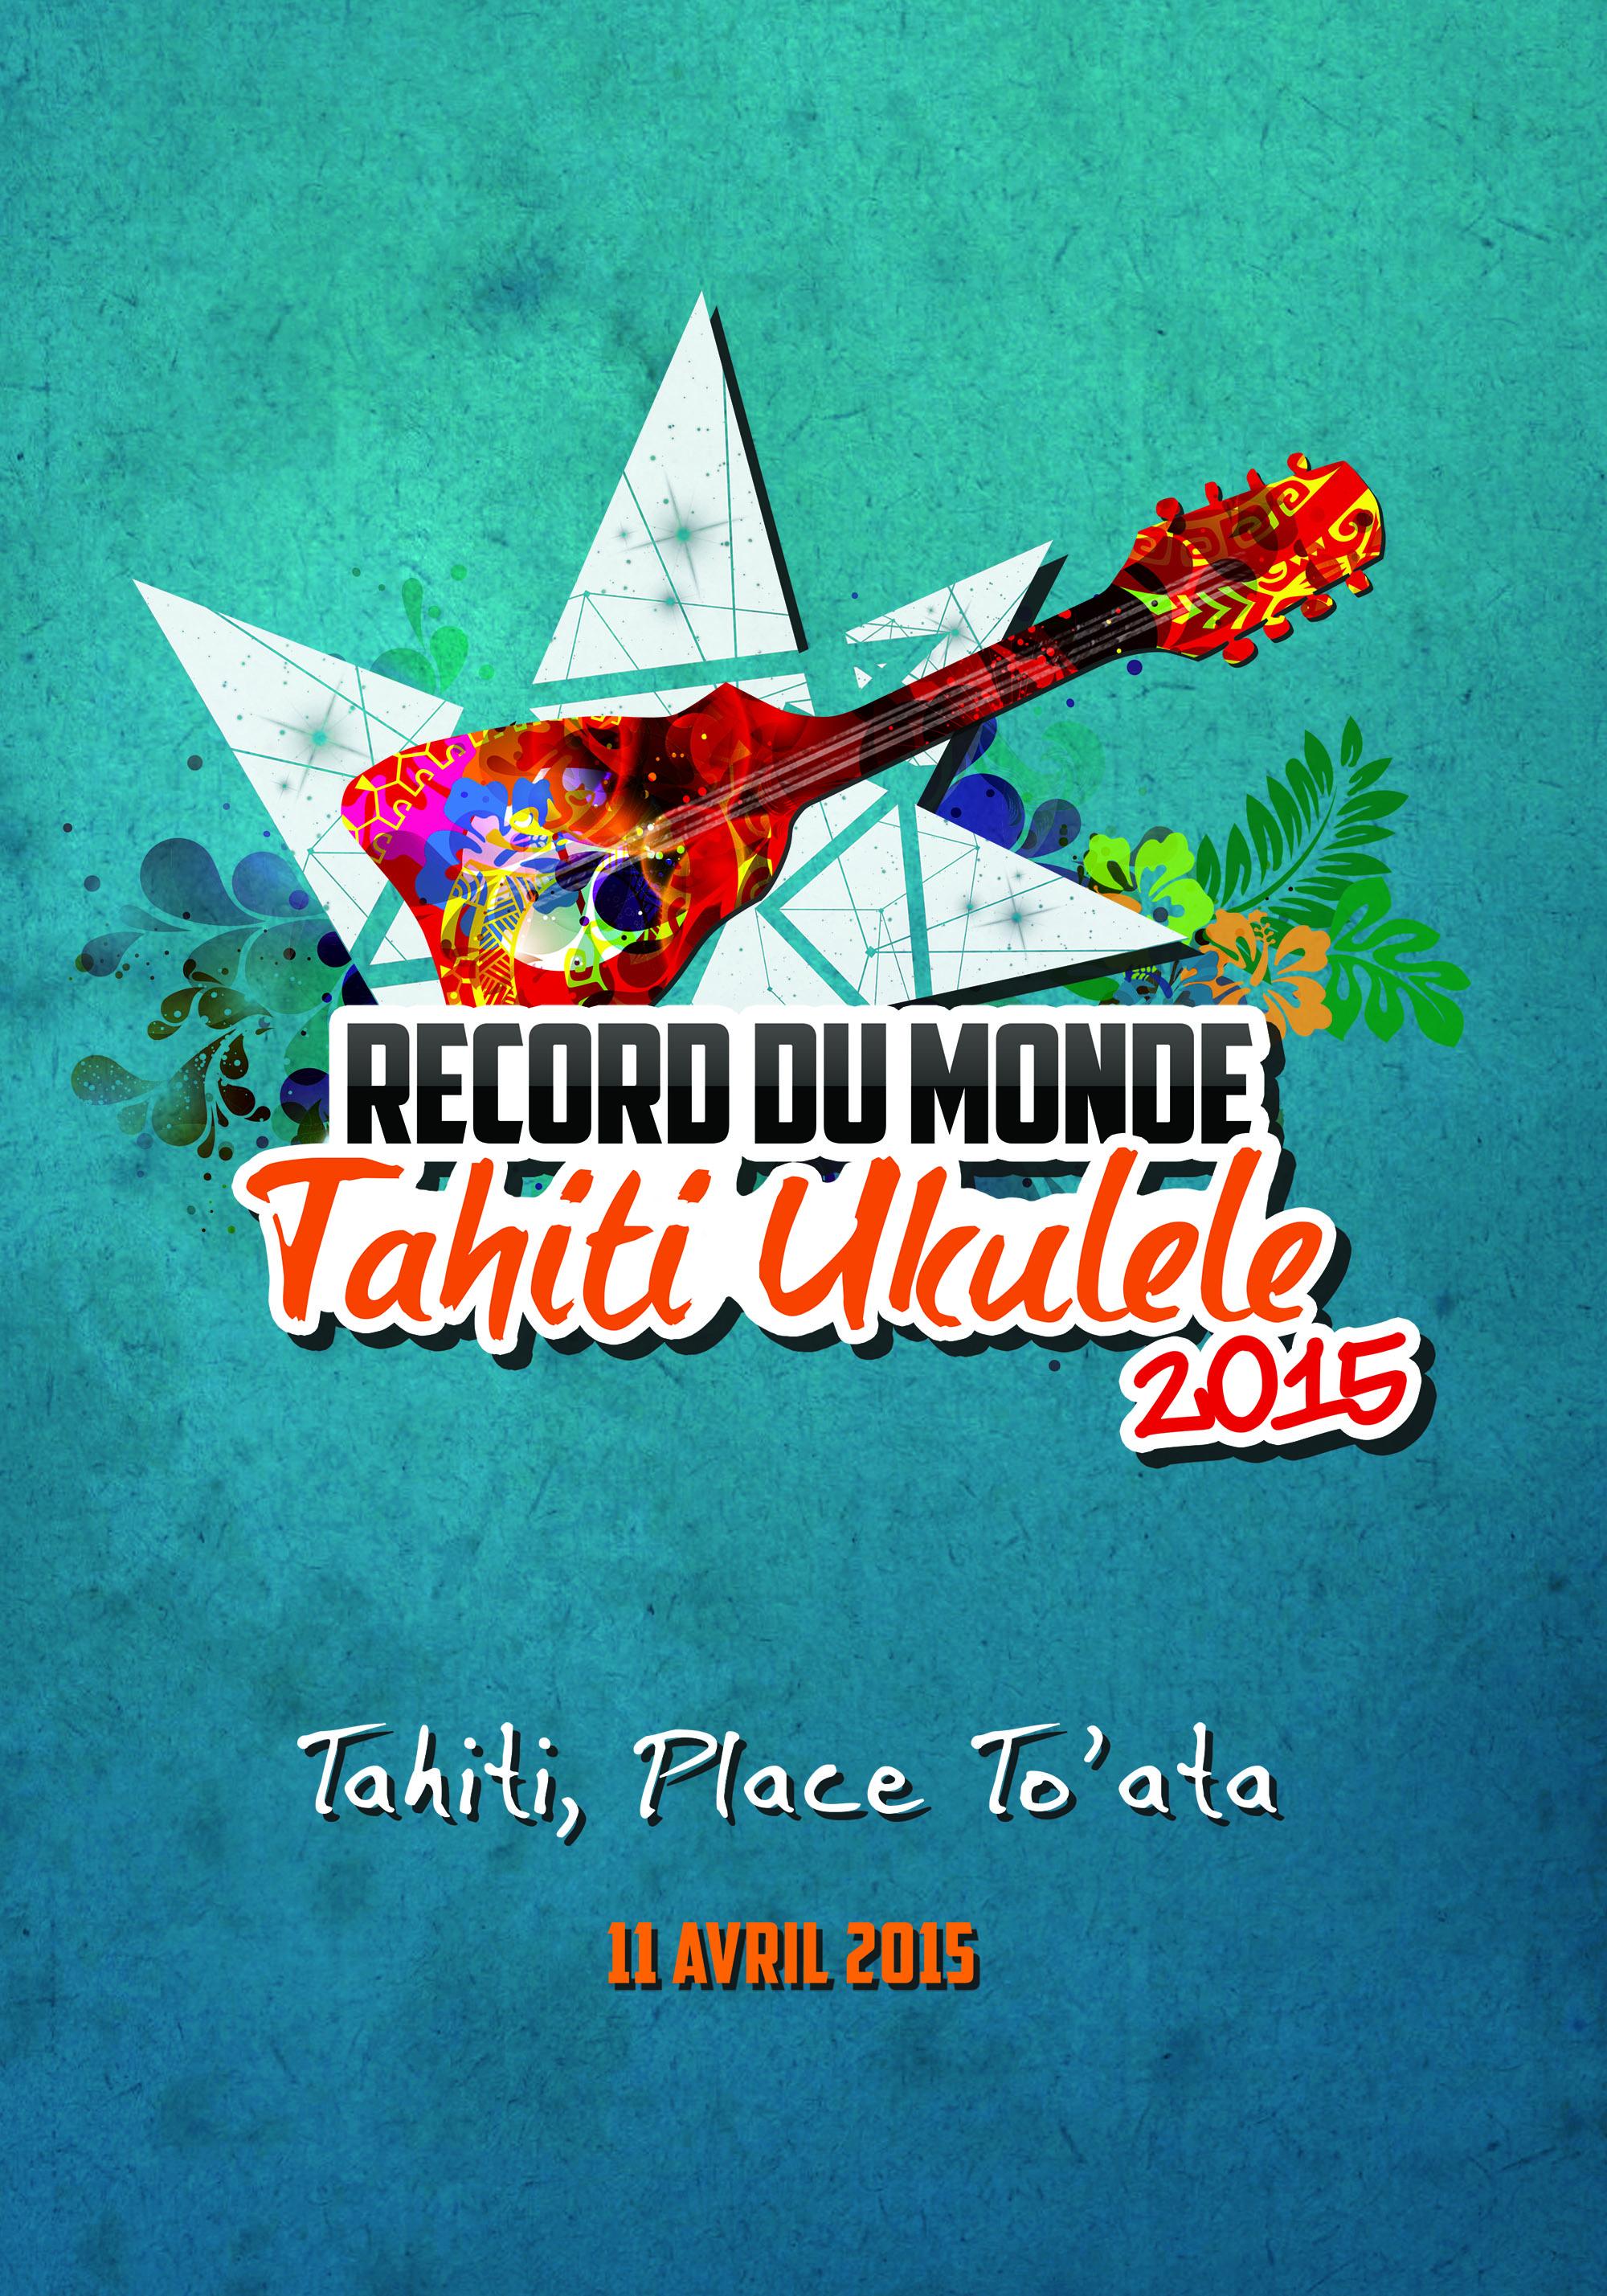 Record du monde de ukulele : To'ata est plein mais la fête continuera à l'extérieur